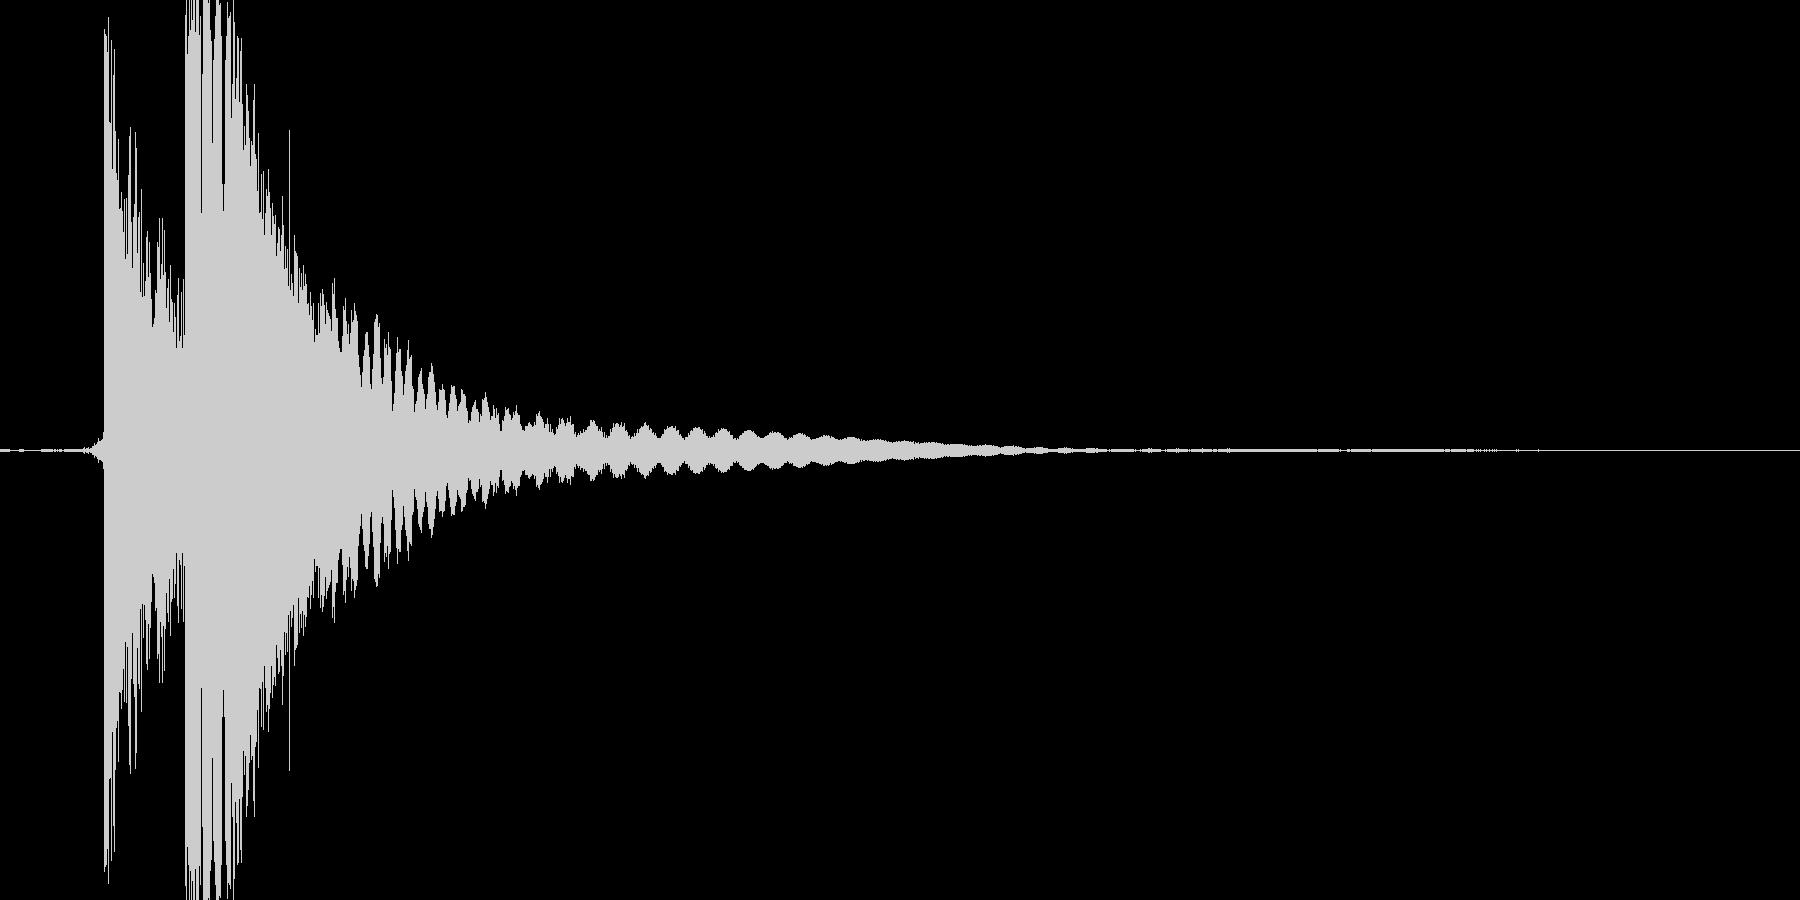 チン。グラス/コップをぶつける音の未再生の波形